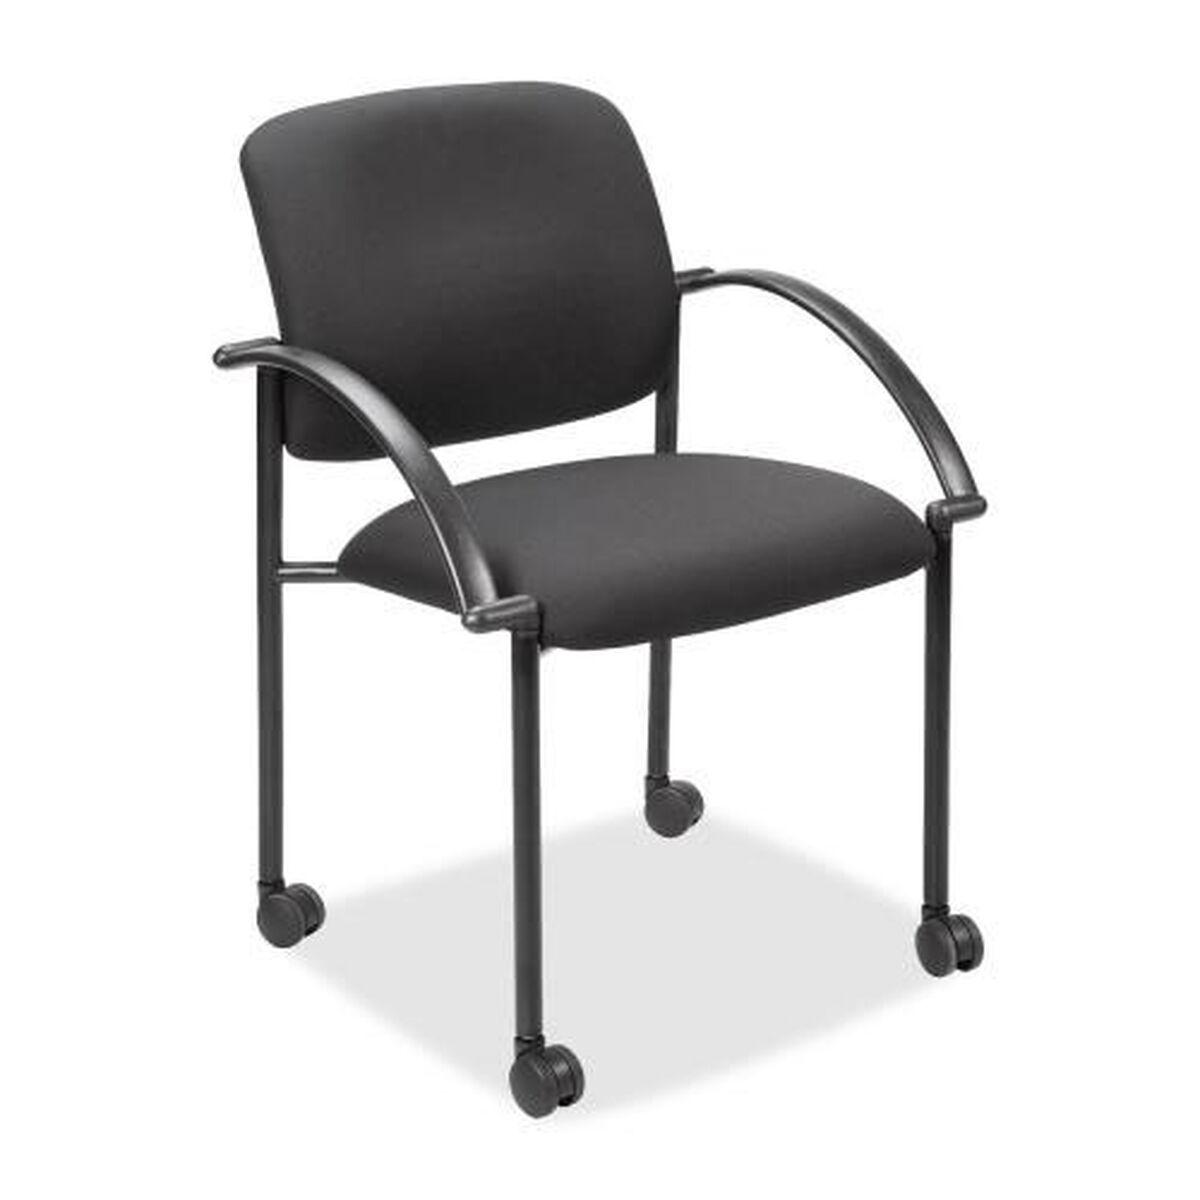 stack chair set 2 llr65965. Black Bedroom Furniture Sets. Home Design Ideas